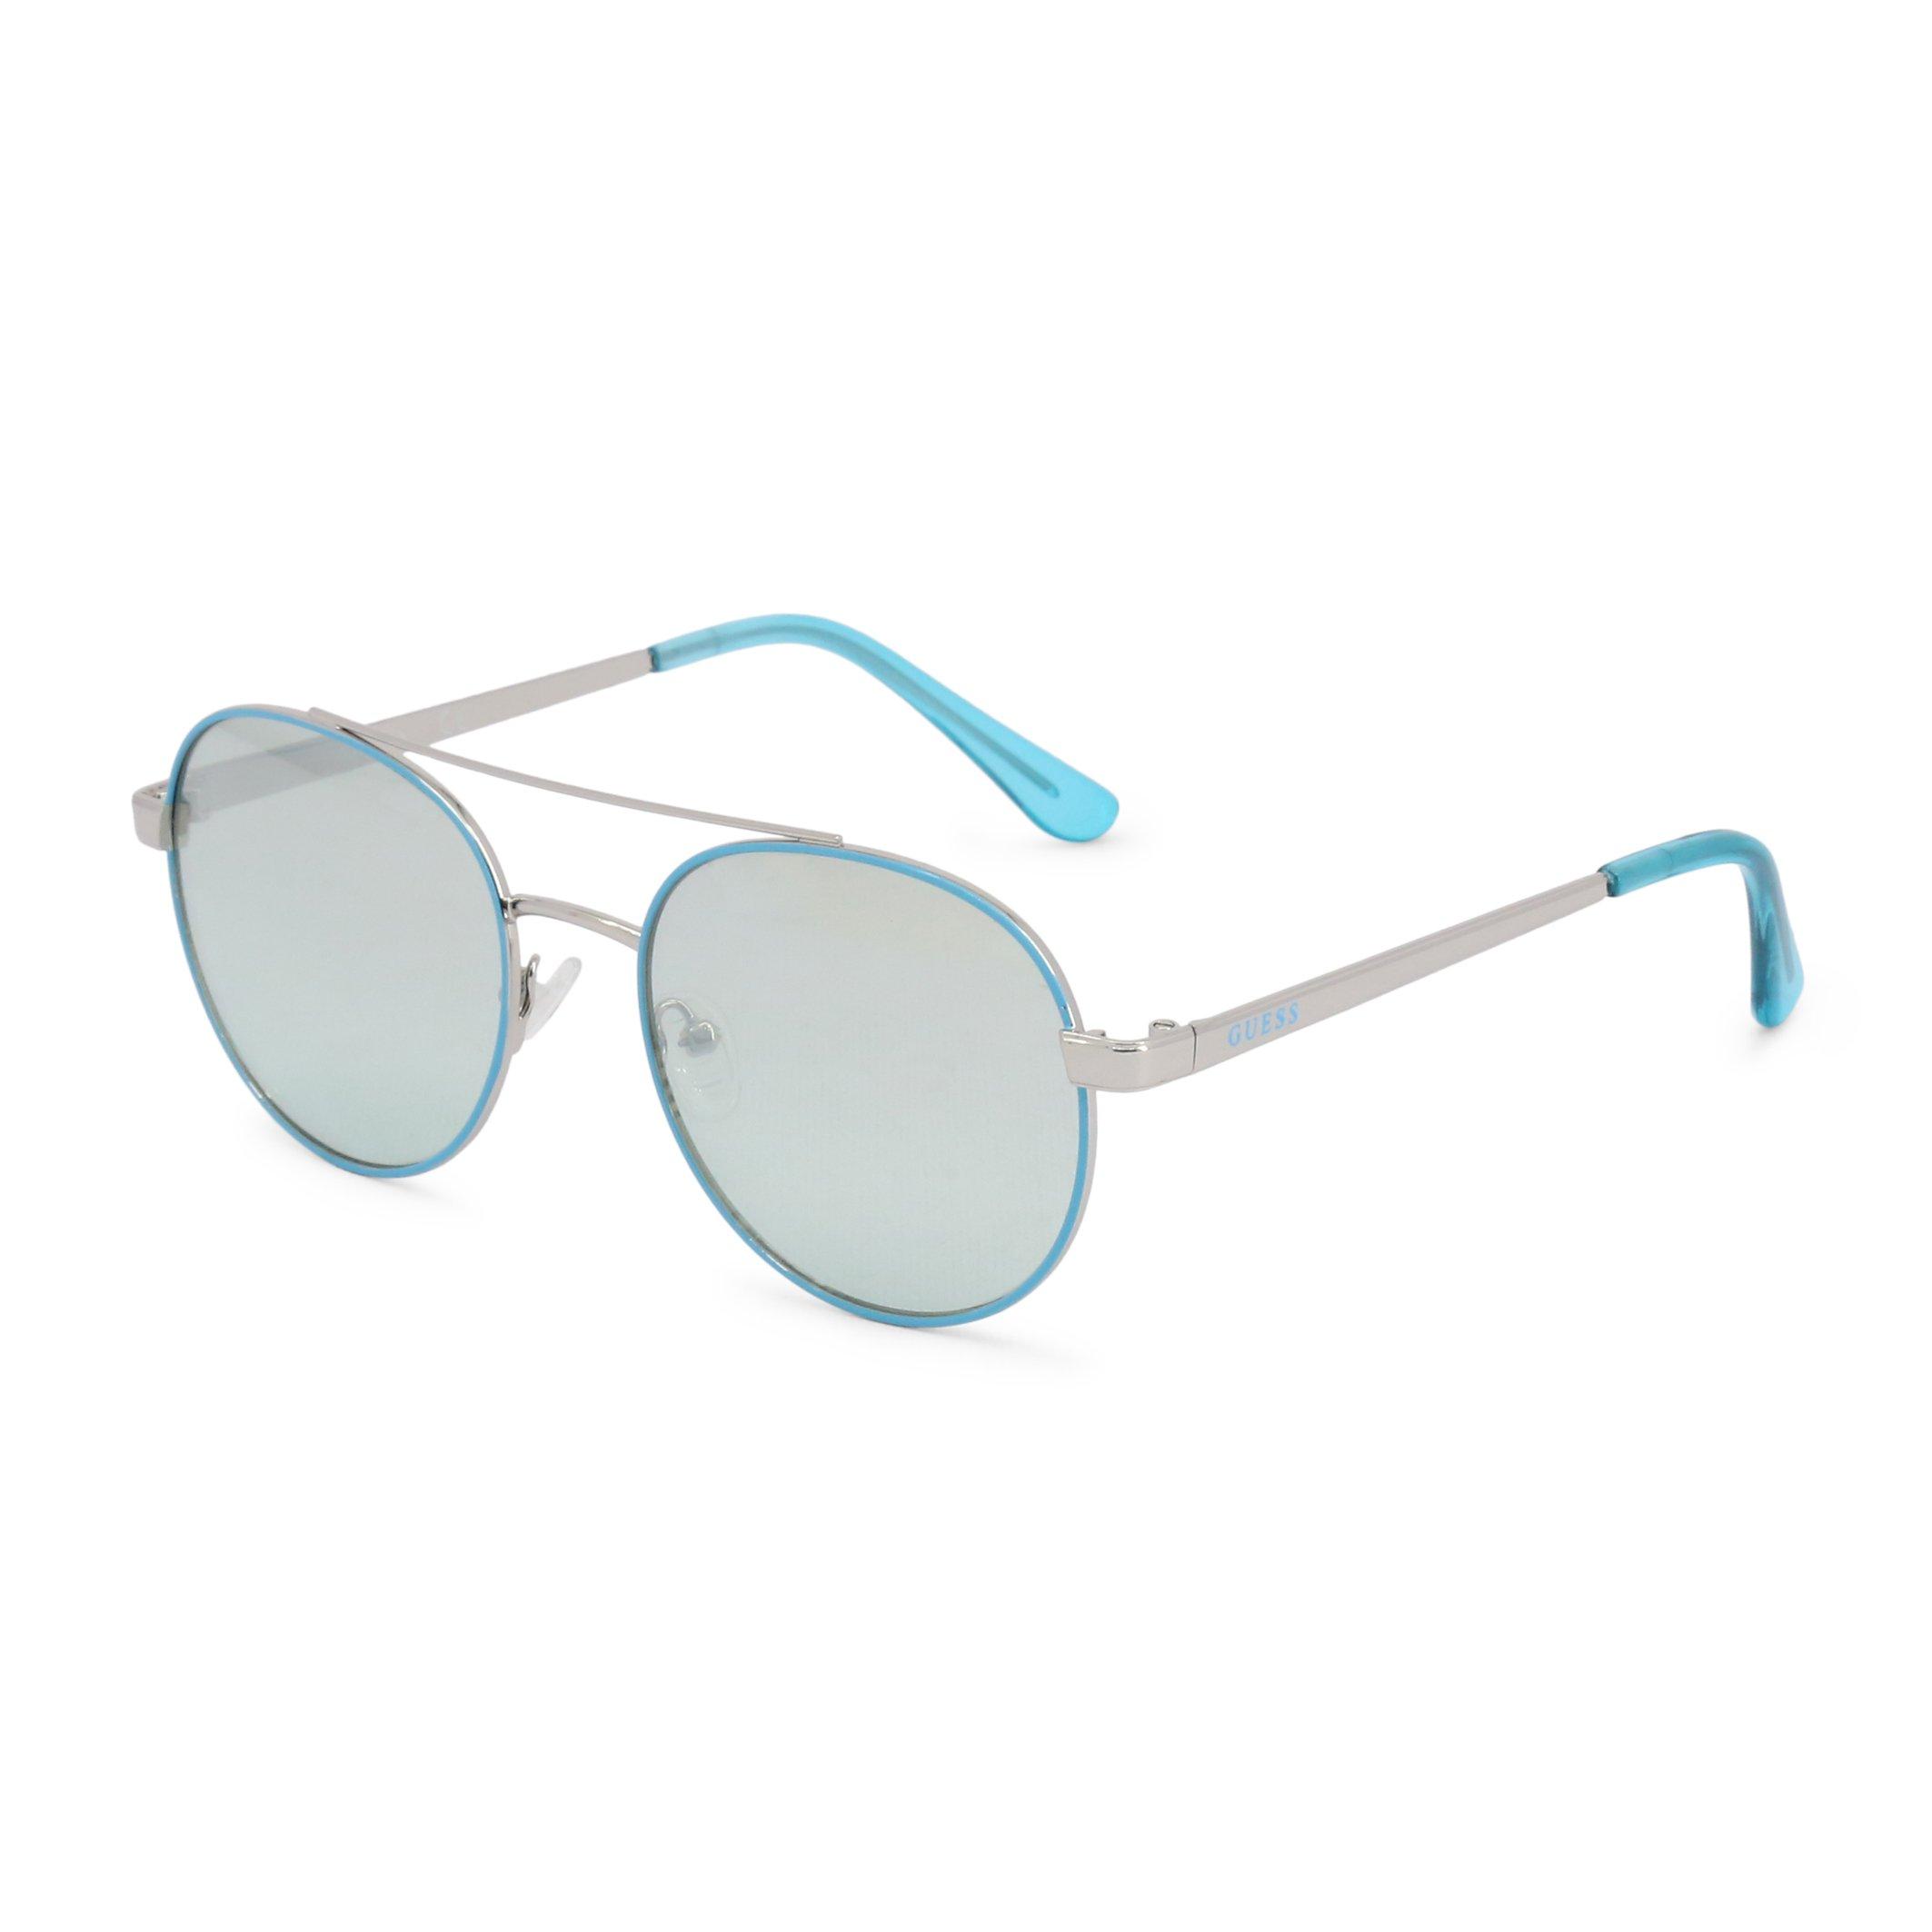 Guess Women's Sunglasses Various Colours GF0367 - blue NOSIZE